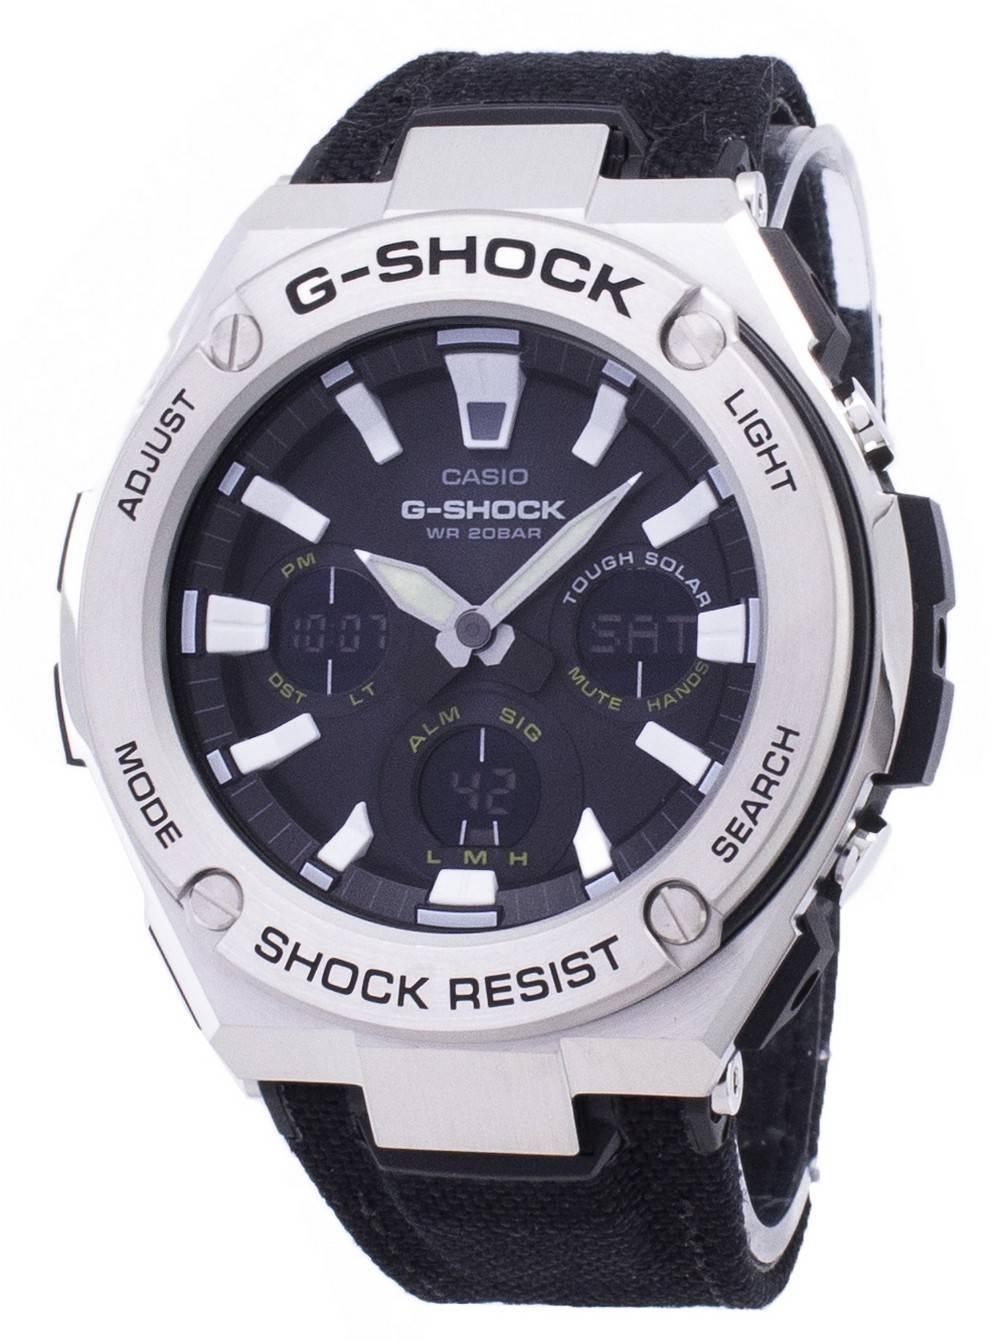 07fab2f43b93 Reloj Casio G-Shock GST-S130C-1A Iluminador analógico digital de cuarzo  200M para hombres